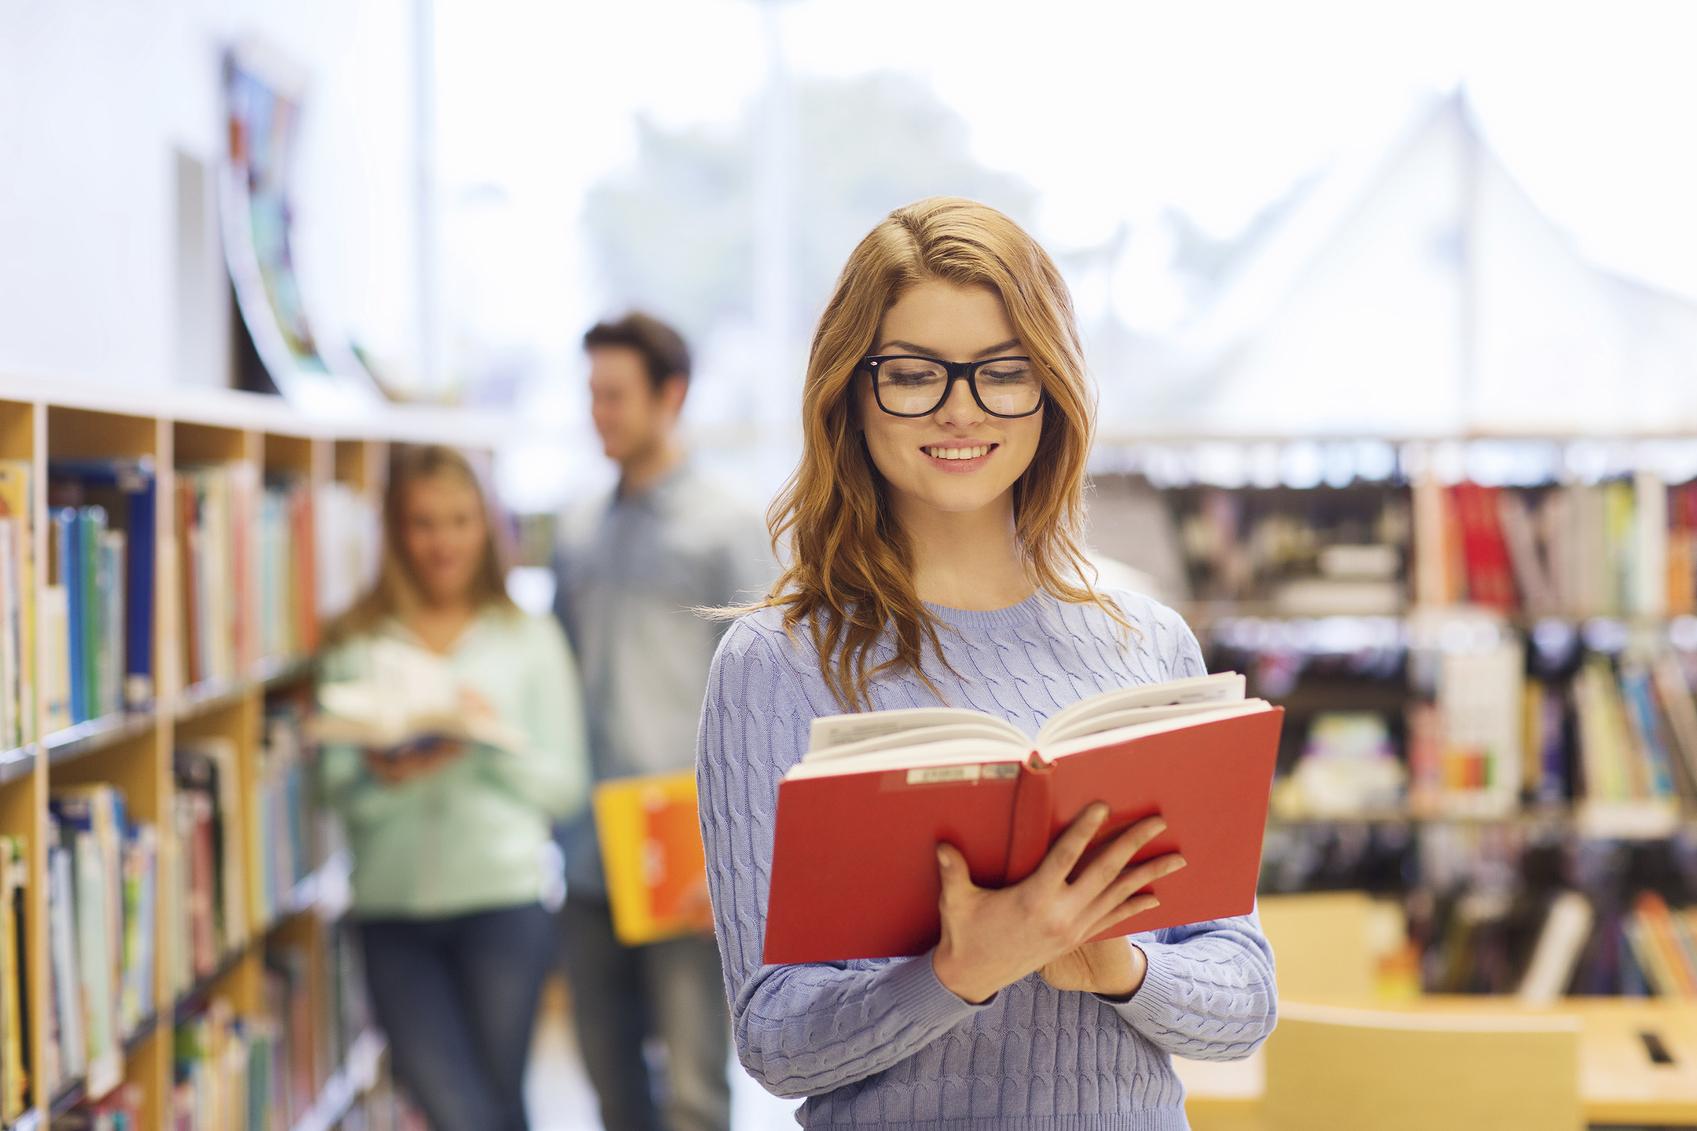 ทุนการศึกษา ปริญญาโท มหาวิทยาลัย สหราชอาณาจักร เรียนต่อต่างประเทศ